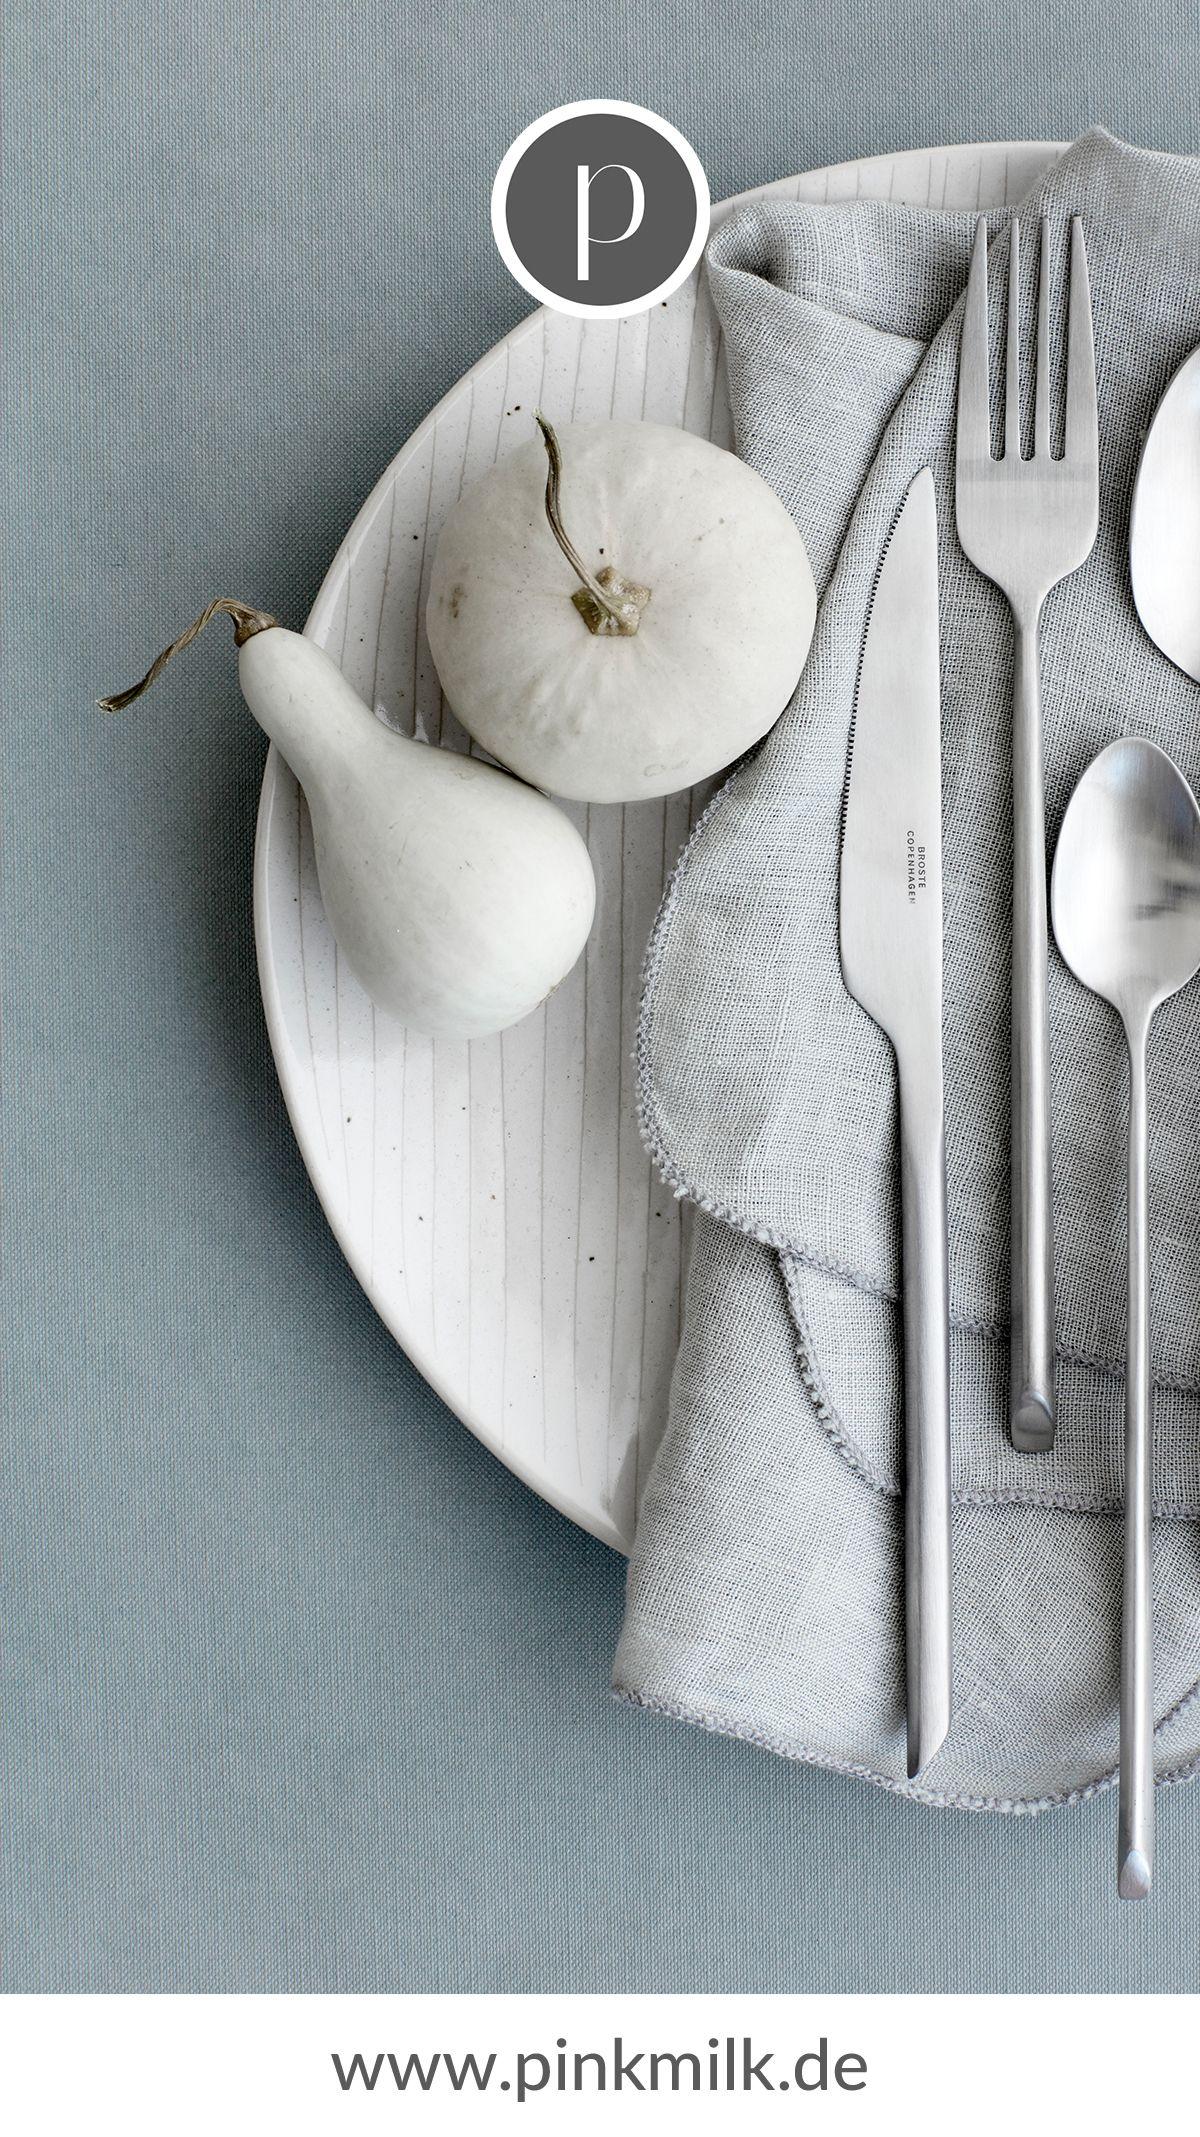 Wir bieten eine riesengroße Auswahl an tollem Geschirr für jeden Geschmack und Anlass. Schau' vorbei und entdecke viele tolle Marken.